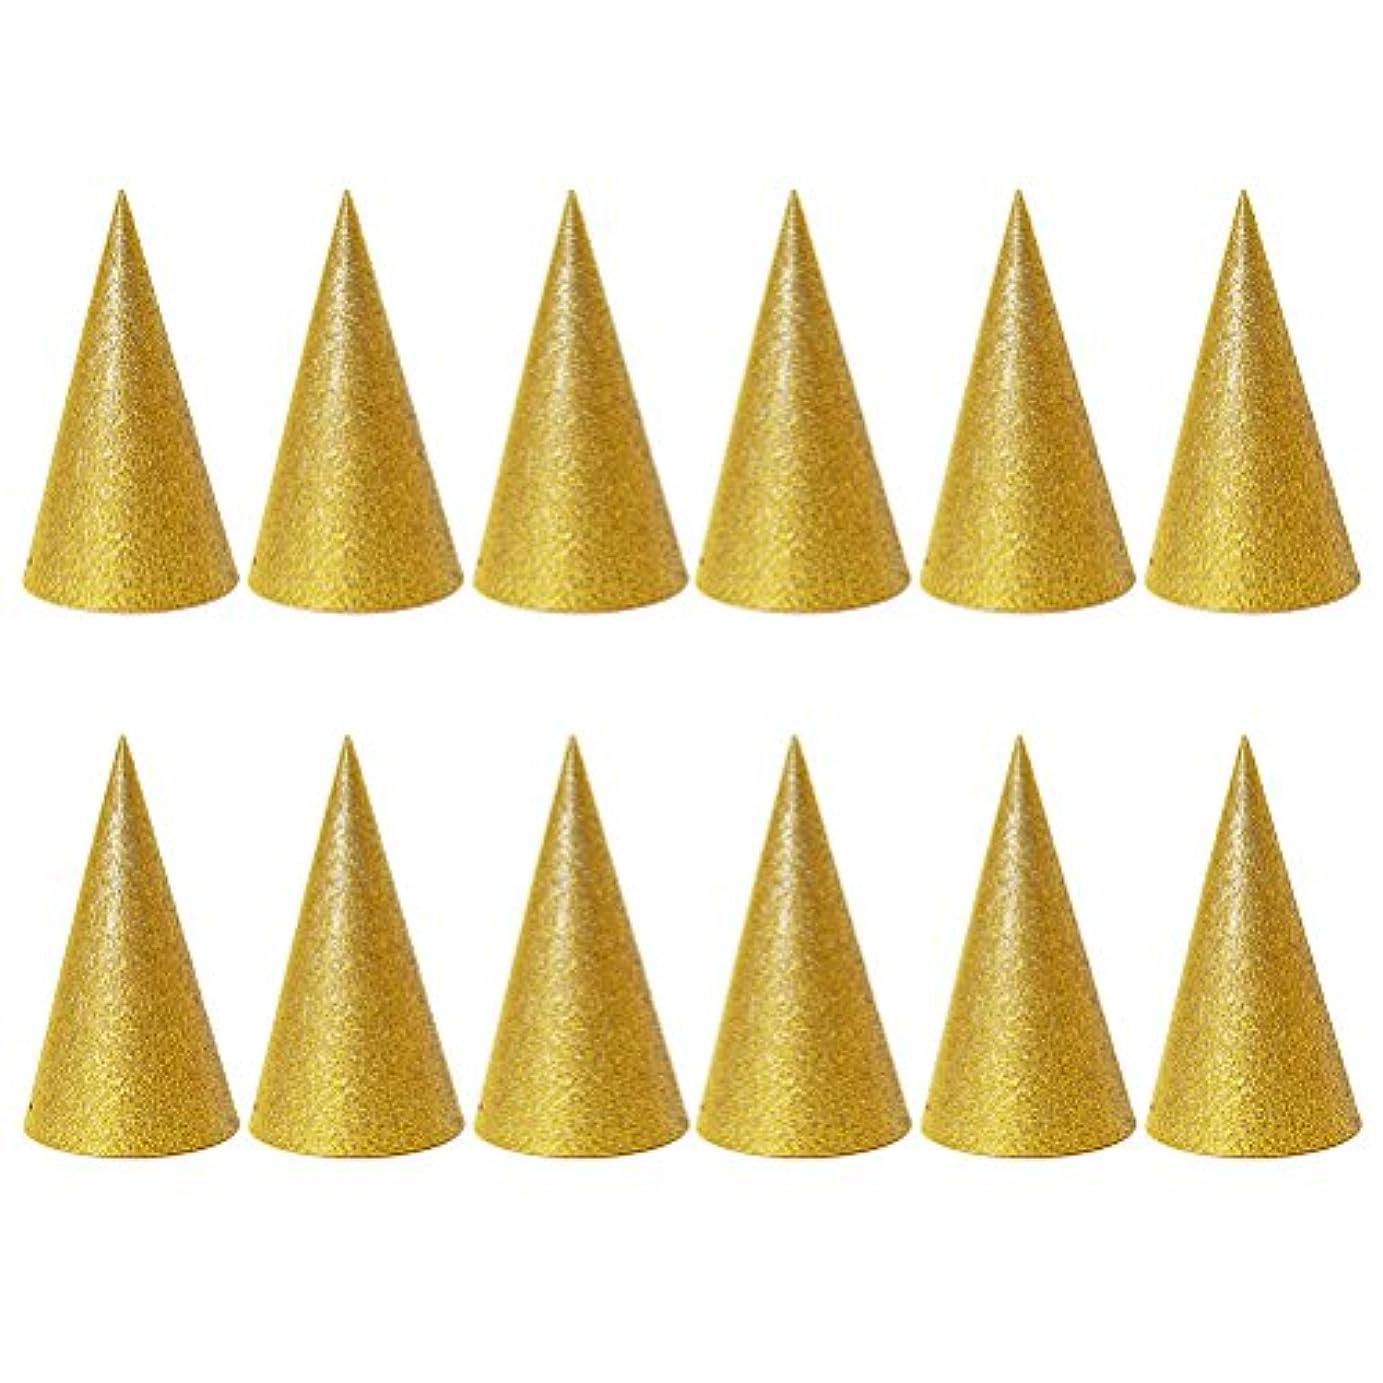 解決論理等価SUPVOX 子供と大人のパーティーのための12個のキラキラコーンパーティー帽子トライアングルバースデー帽子は装飾を飾ります(ゴールデン)